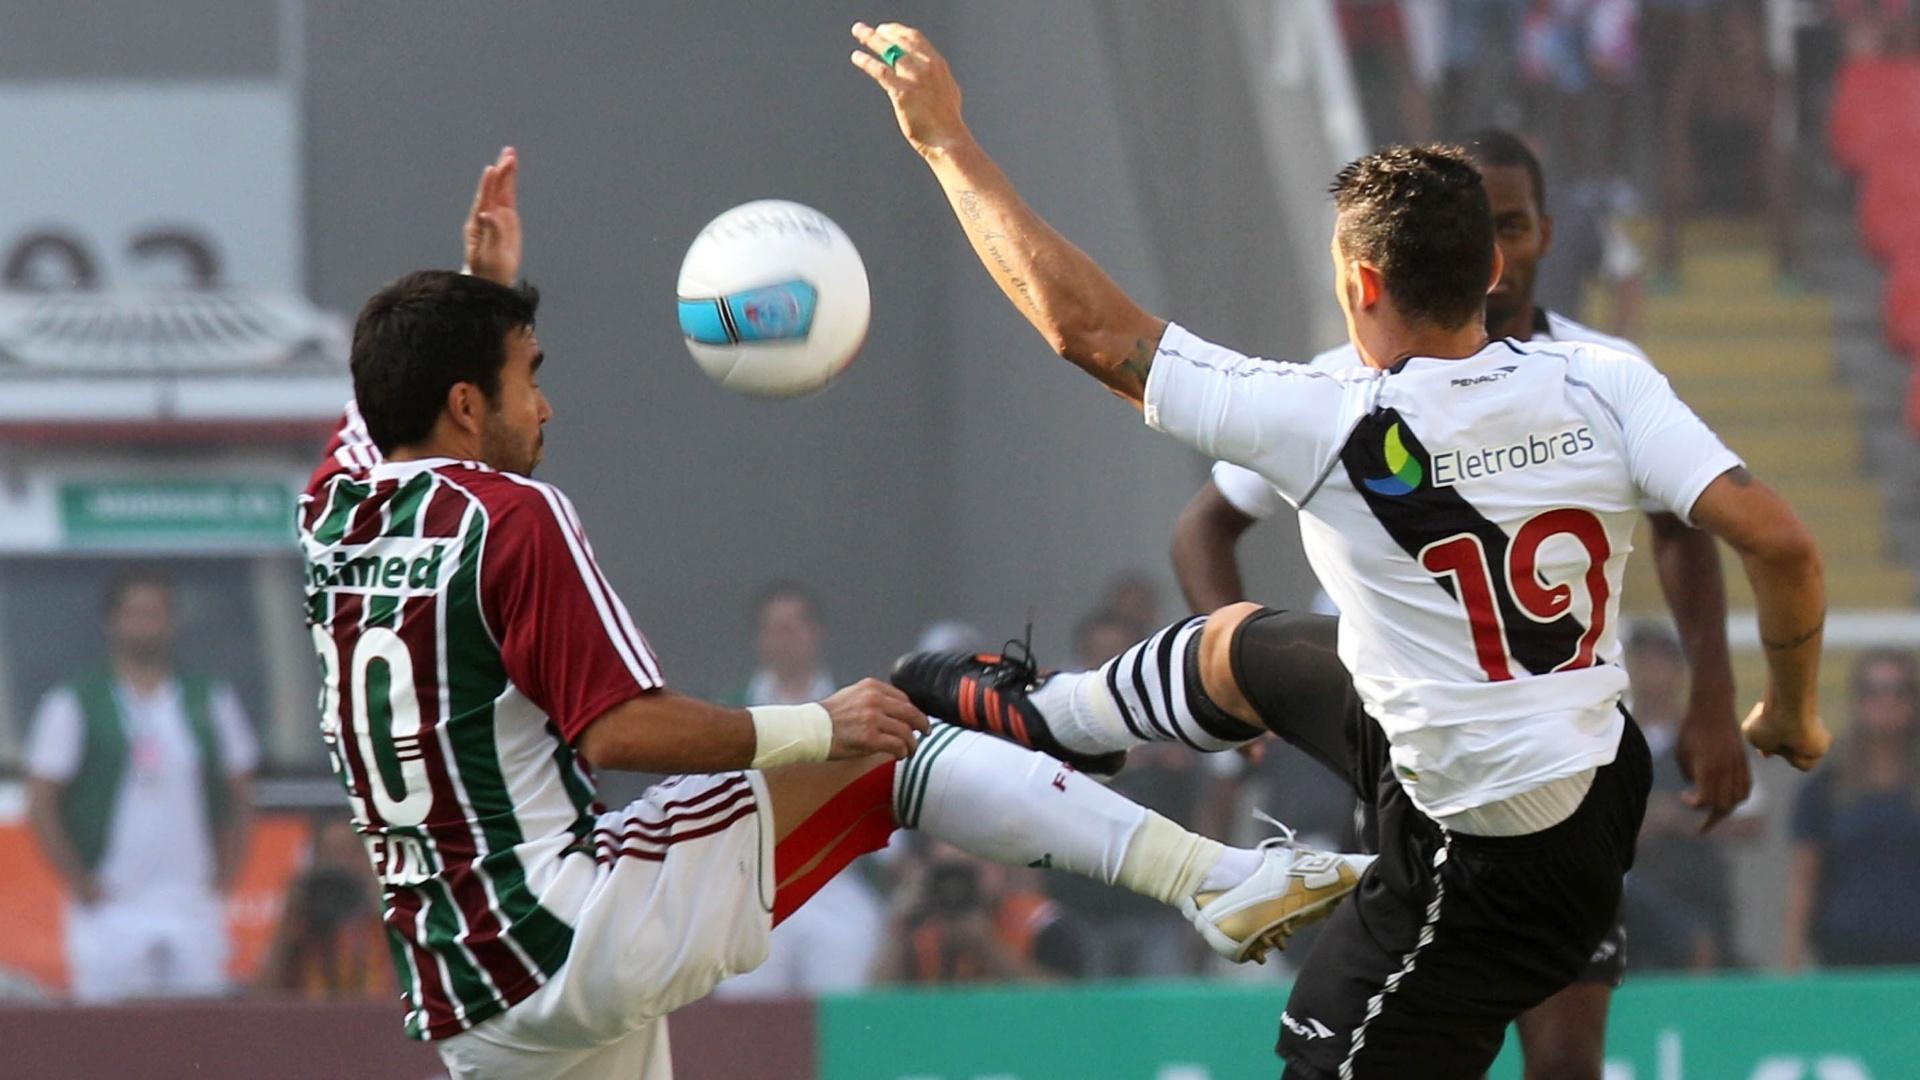 Deco e Cícero levantam o pé e brigam pela posse da bola